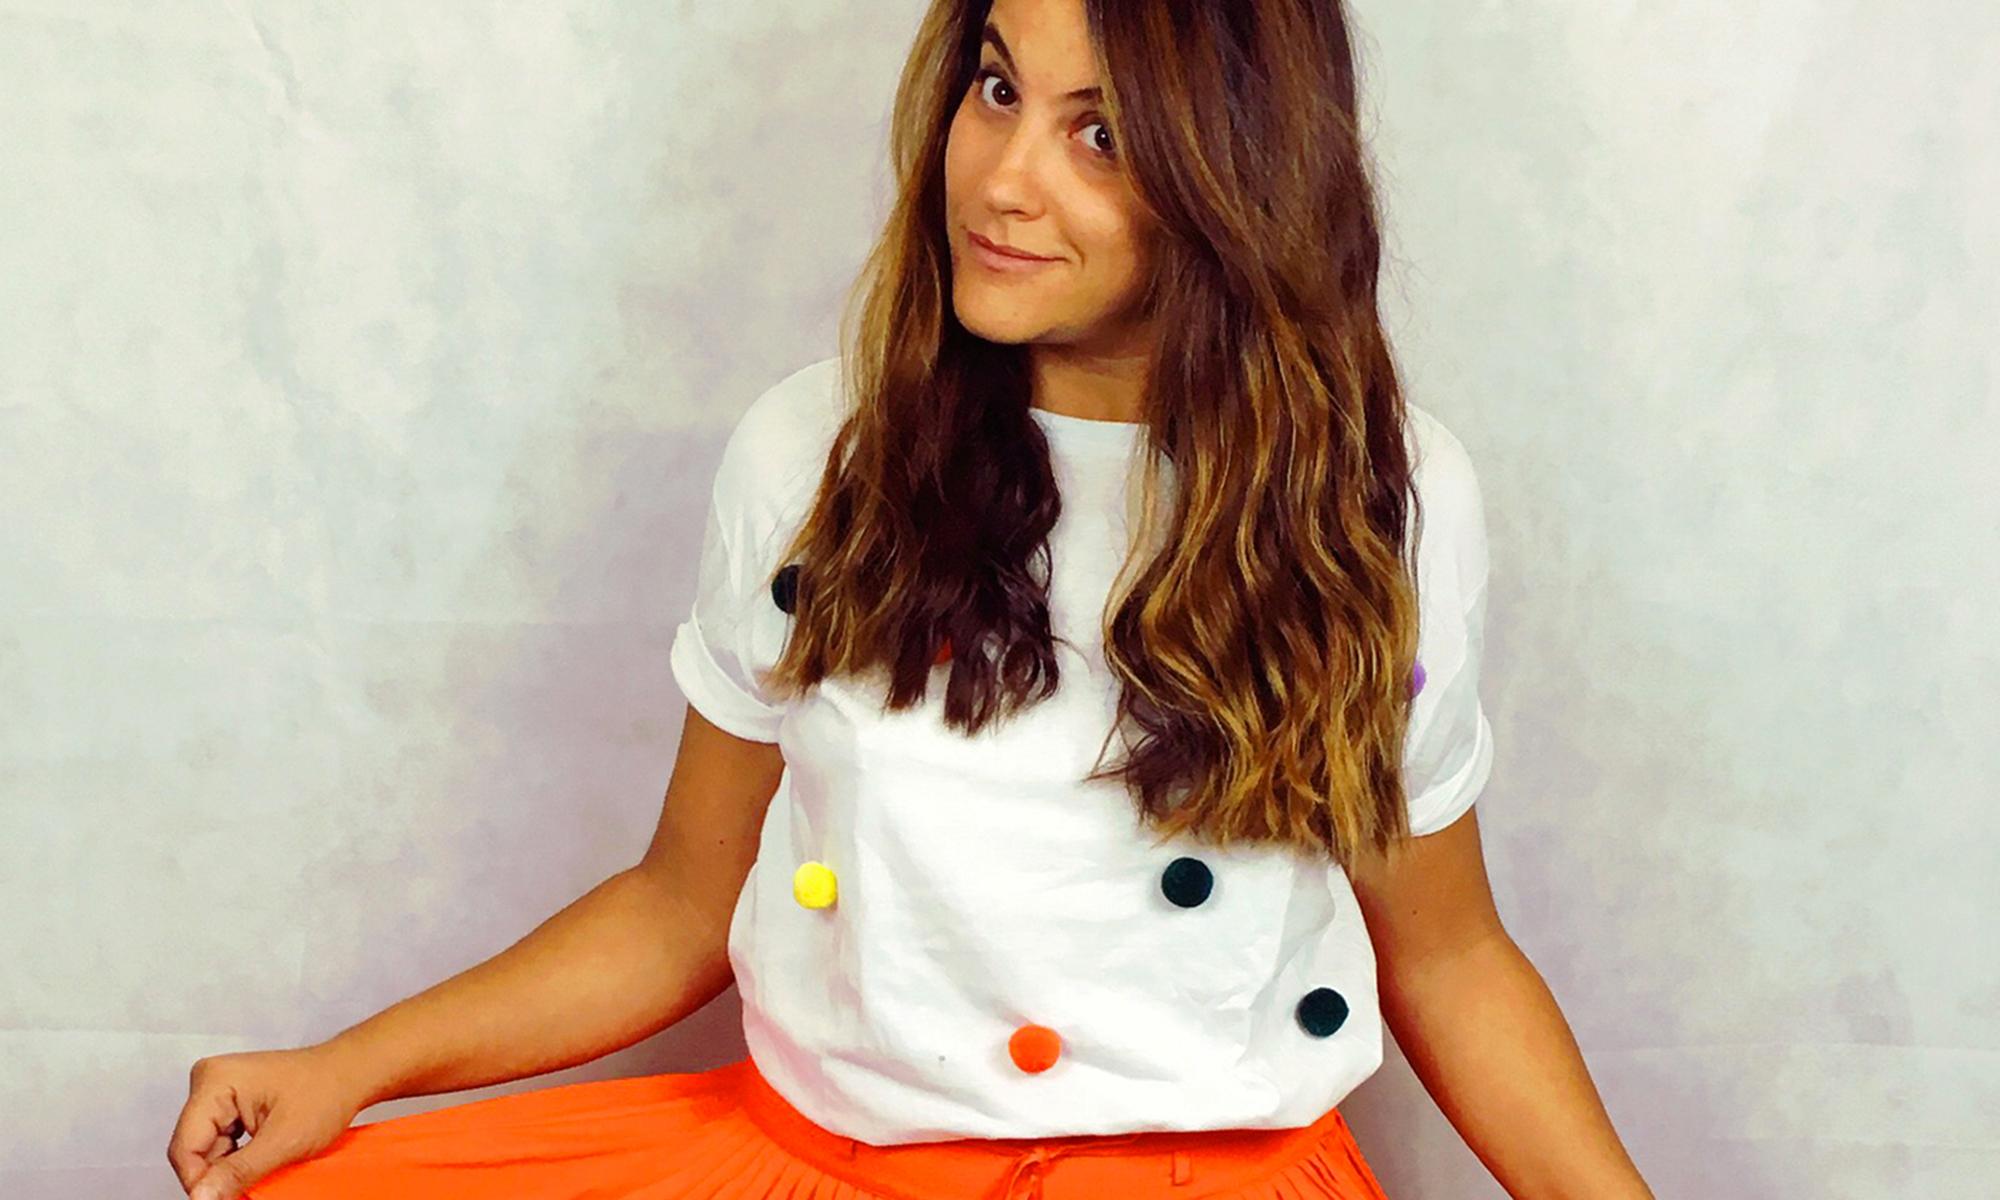 Profile_ReginaMiecchi.jpg